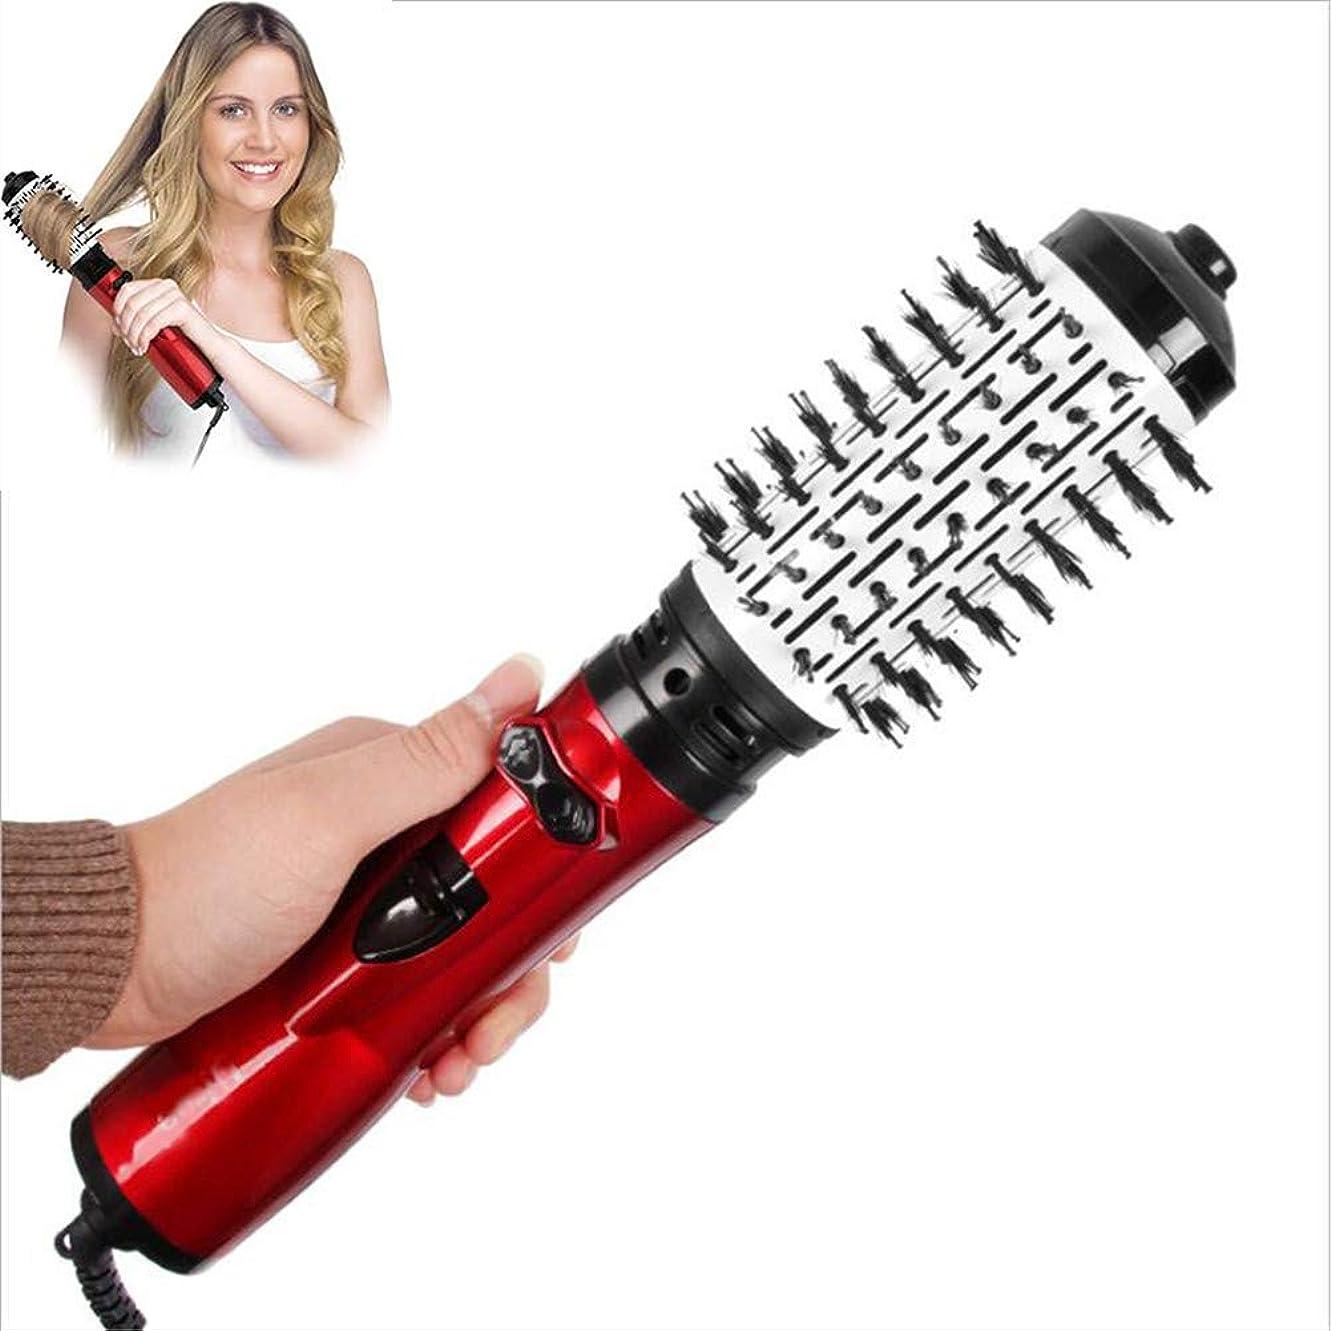 振る話をする洗う1つのステップヘアドライヤー電気ヘアドライヤーブラシで3 1つの乾いた髪カーリーヘアストレートヘア反火傷防止360度回転に適したすべての髪